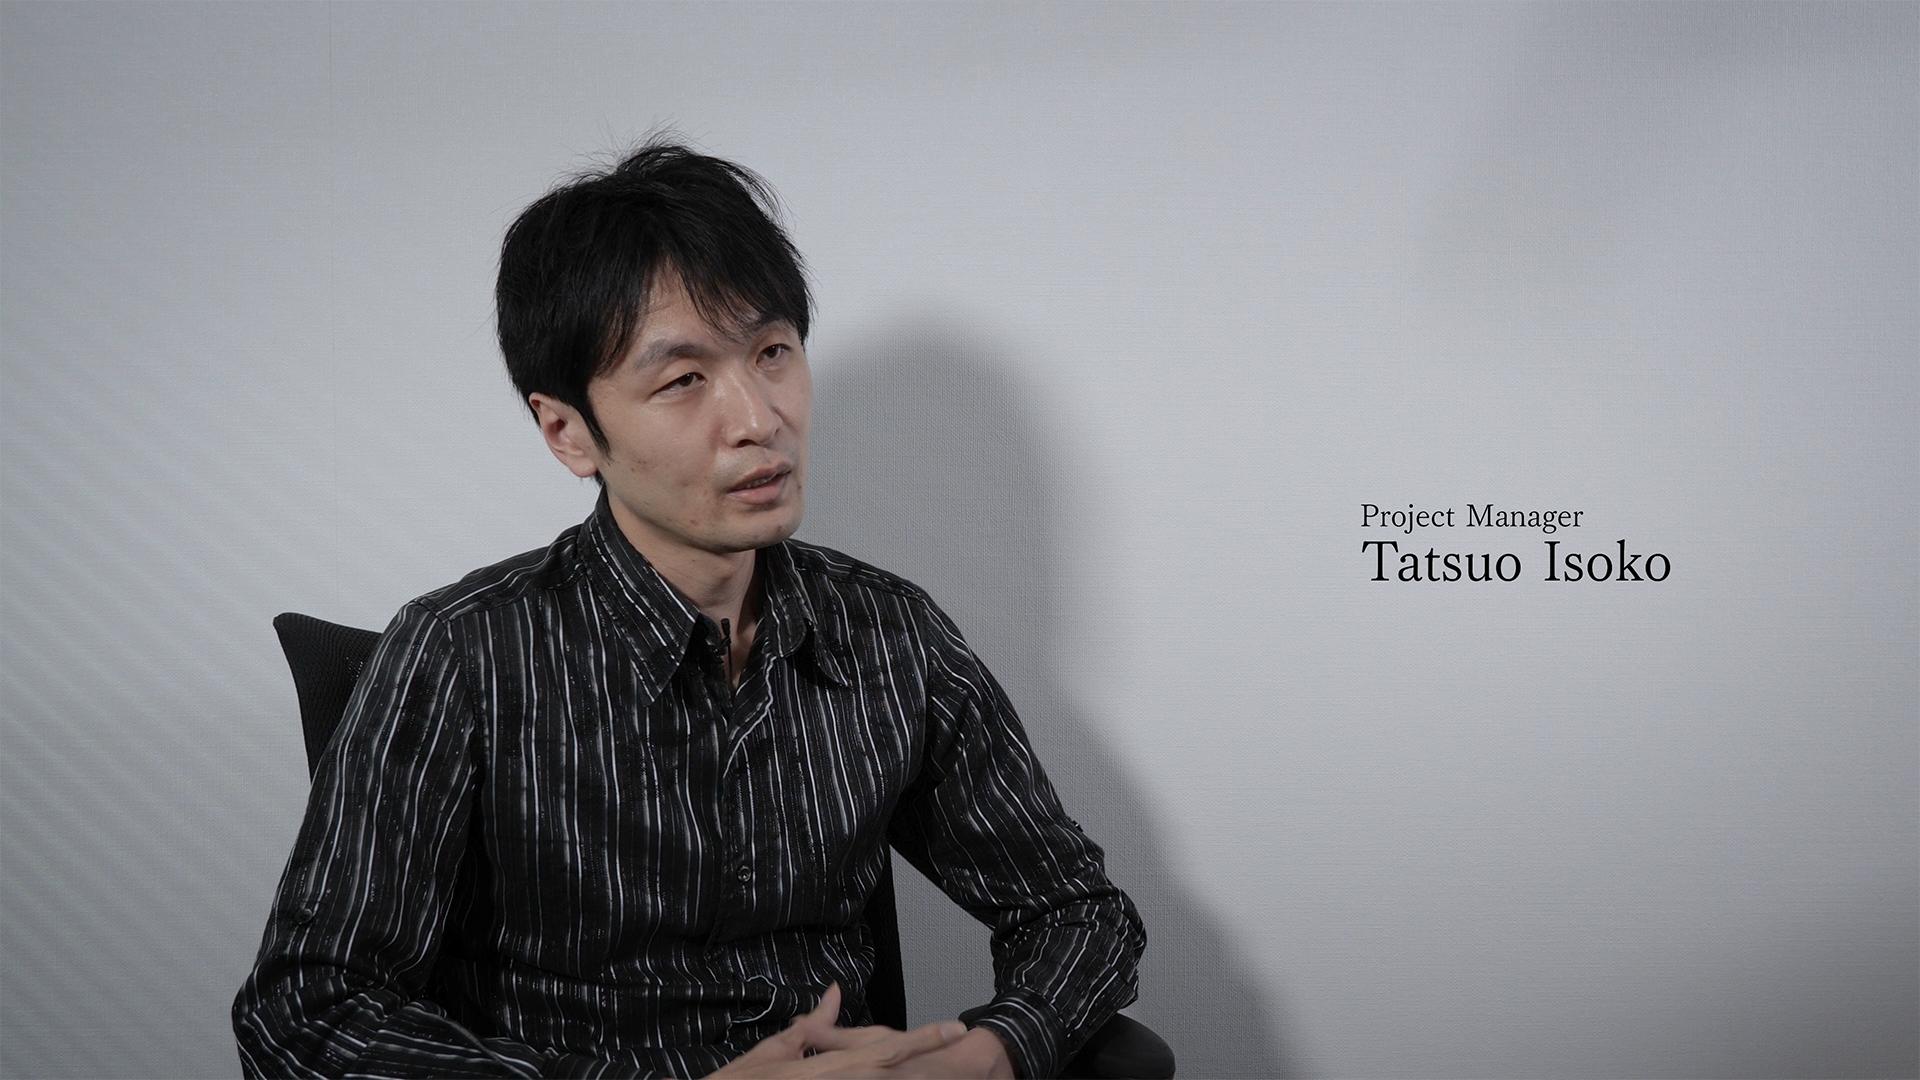 「バイオハザード ヴィレッジ」プロジェクトマネージャー 礒好 建雄氏